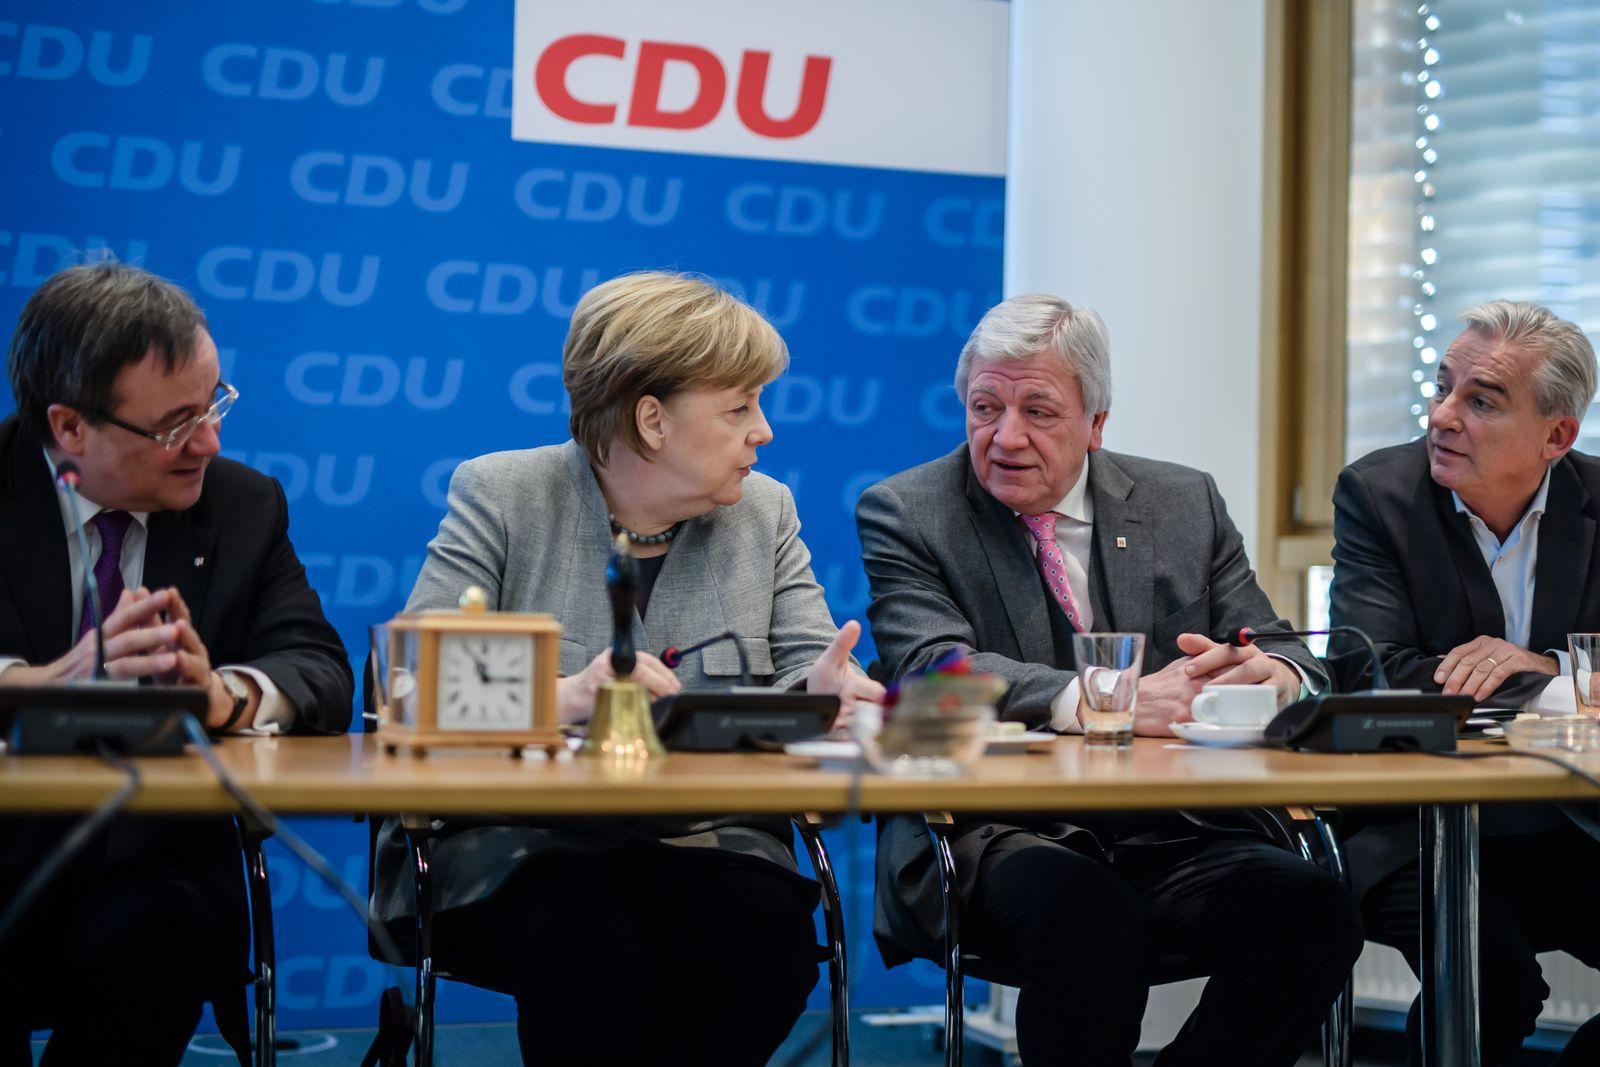 Verhandlungsteam/ CDU